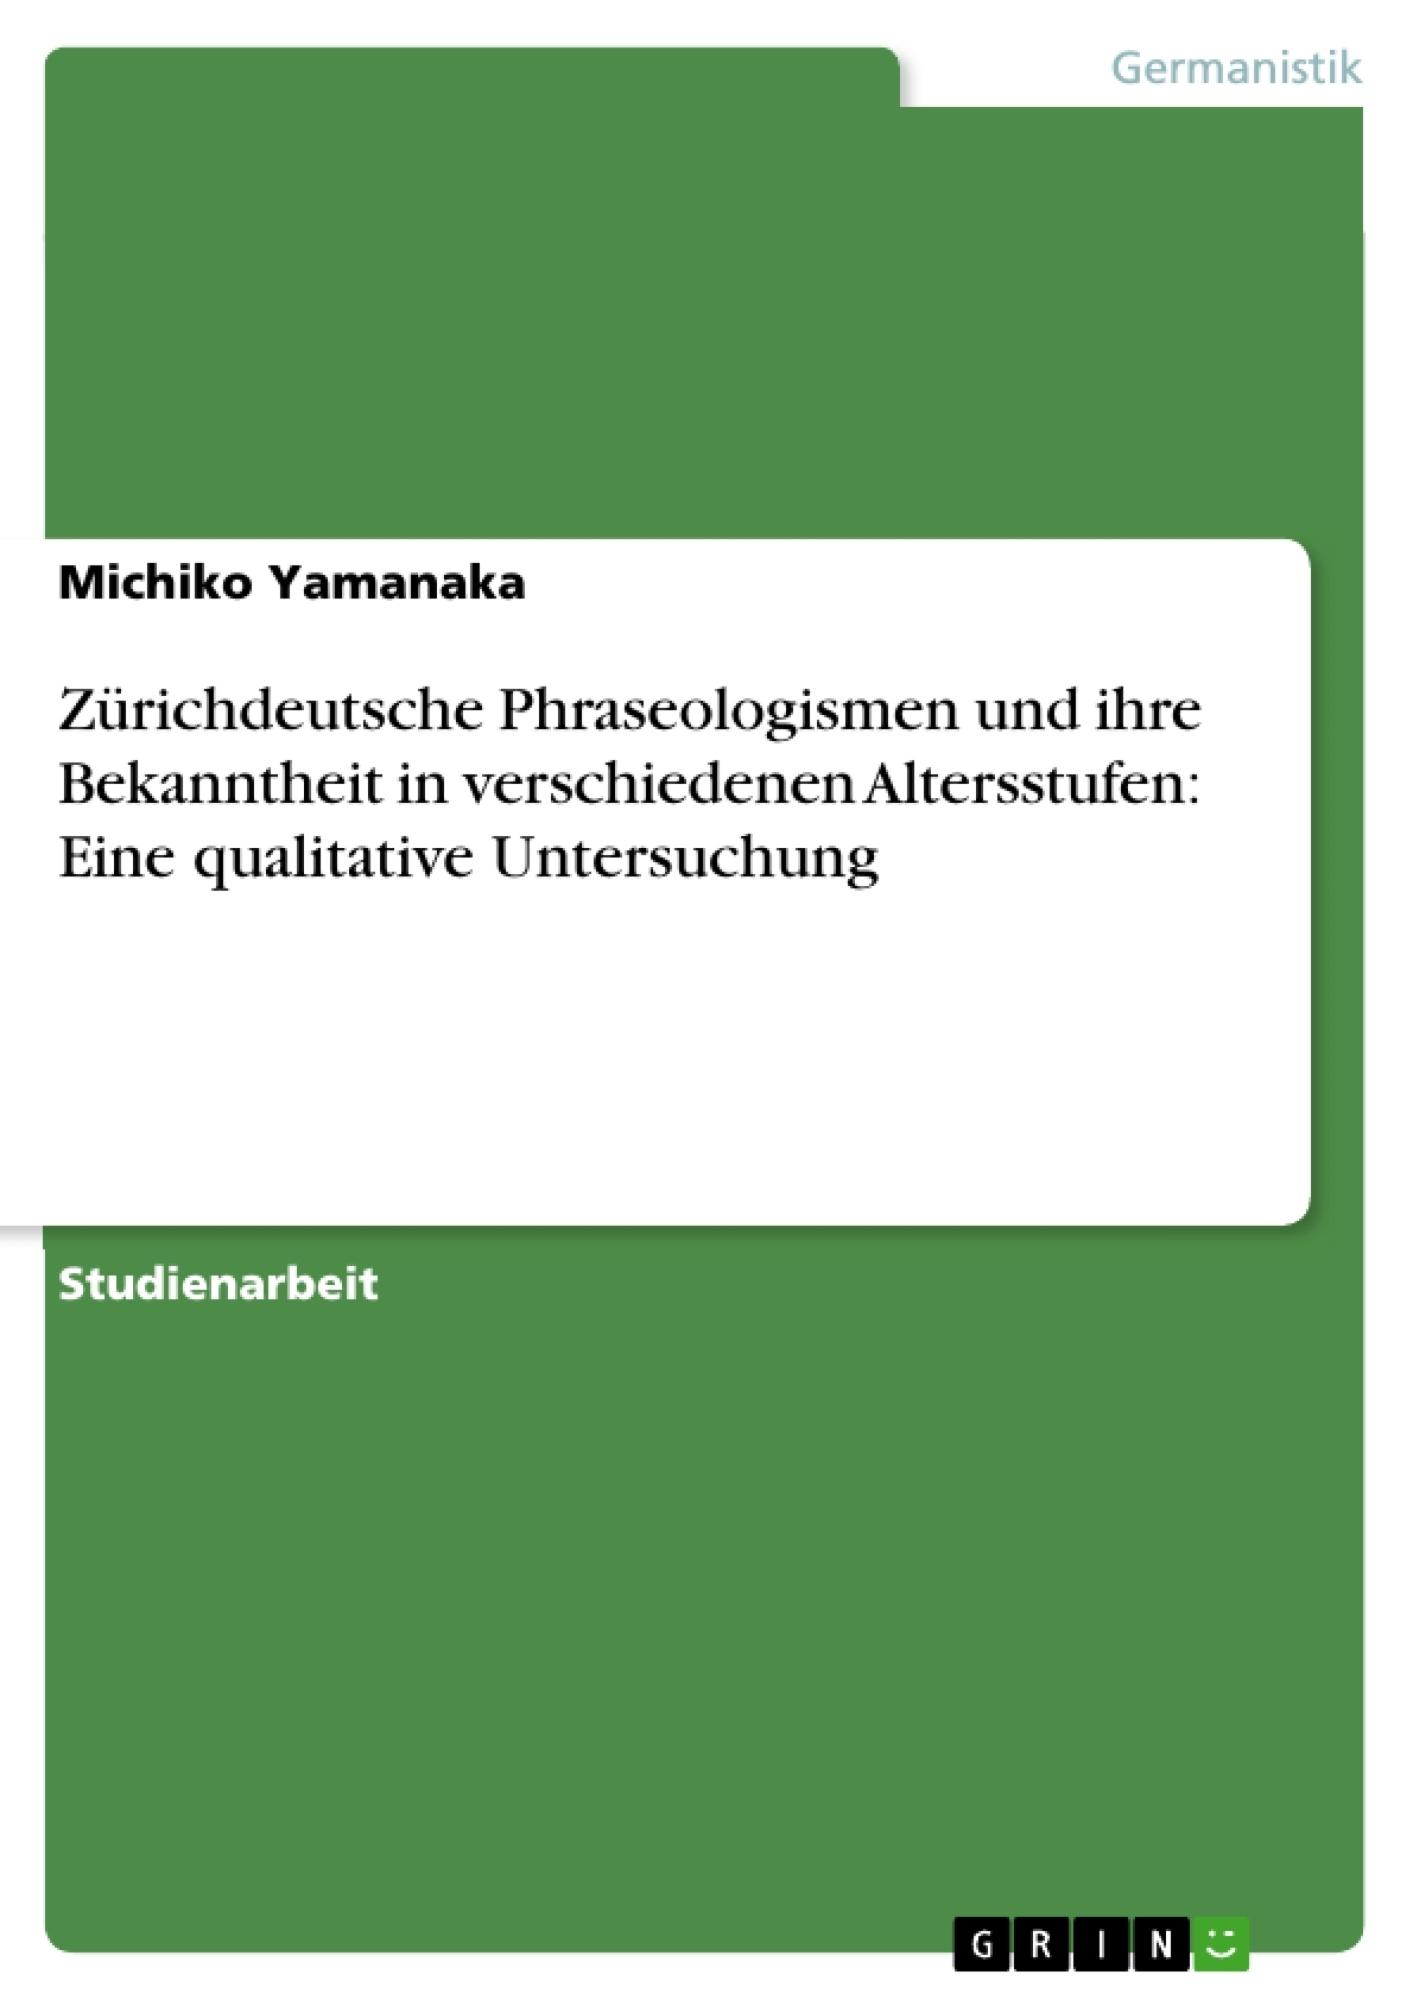 Titel: Zürichdeutsche Phraseologismen und ihre Bekanntheit in verschiedenen Altersstufen: Eine qualitative Untersuchung